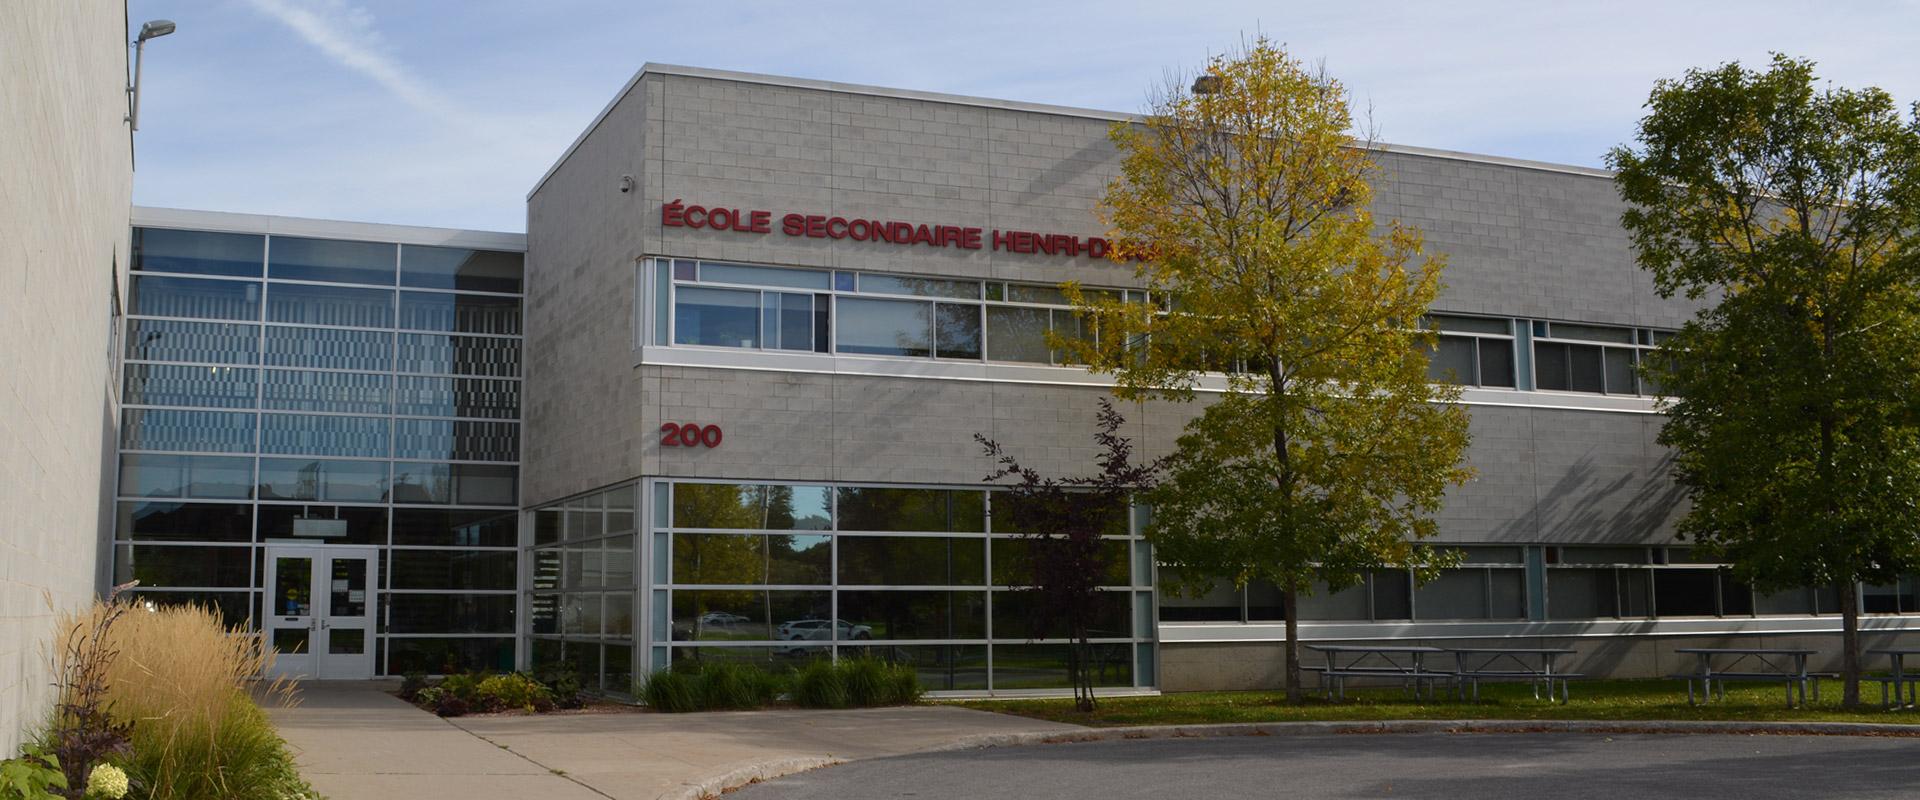 École secondaire Henri-Dunant | CSSMI